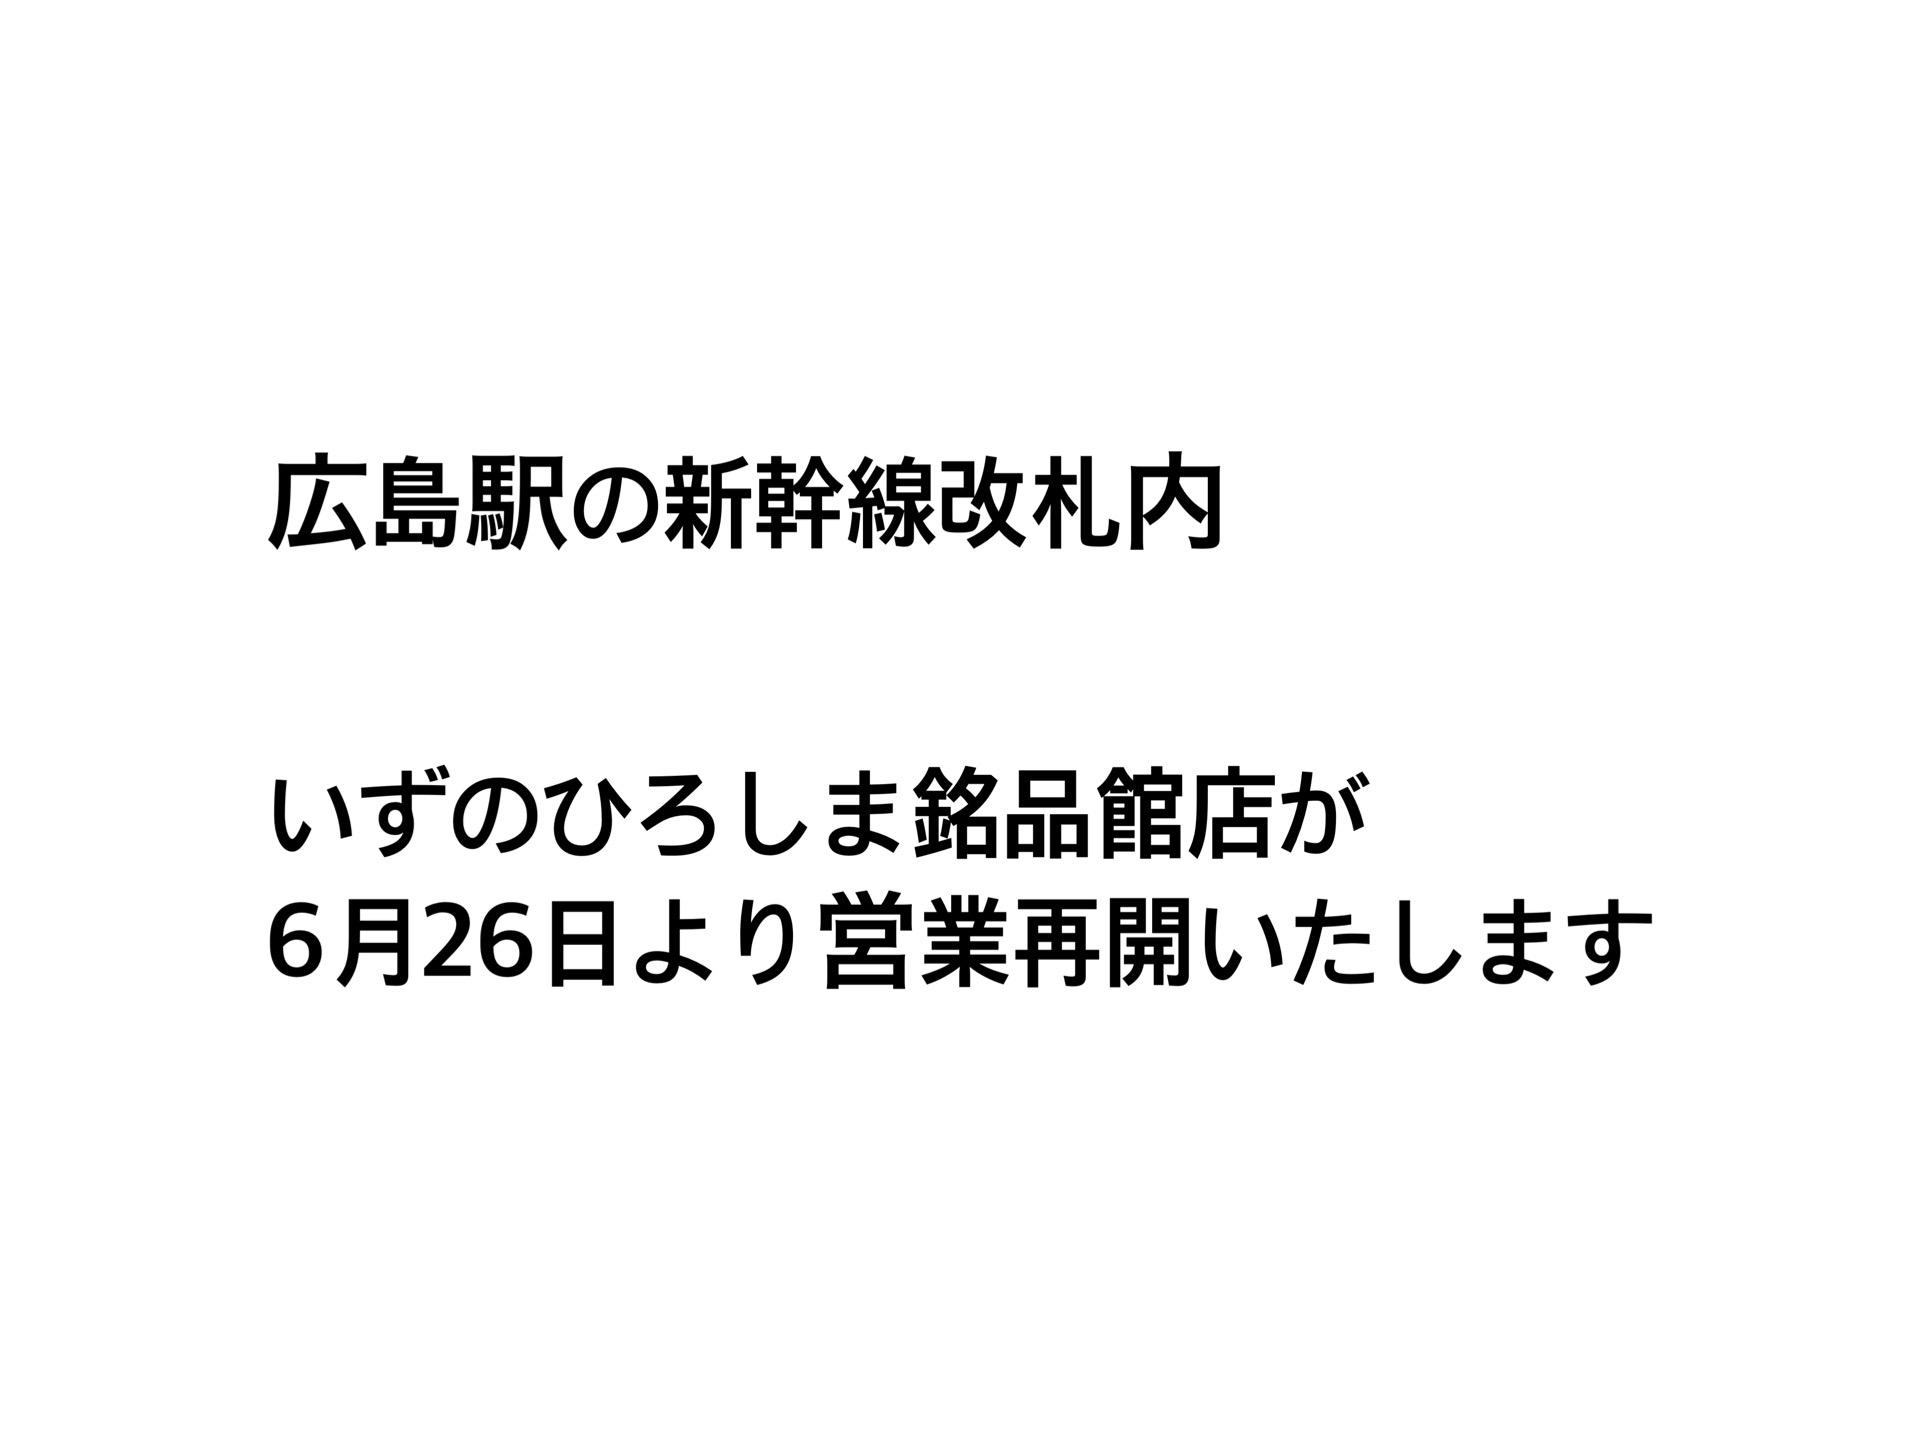 広島駅の新幹線改札内のお店/いずのひろしま銘品館店が6月26日より営業再開いたします